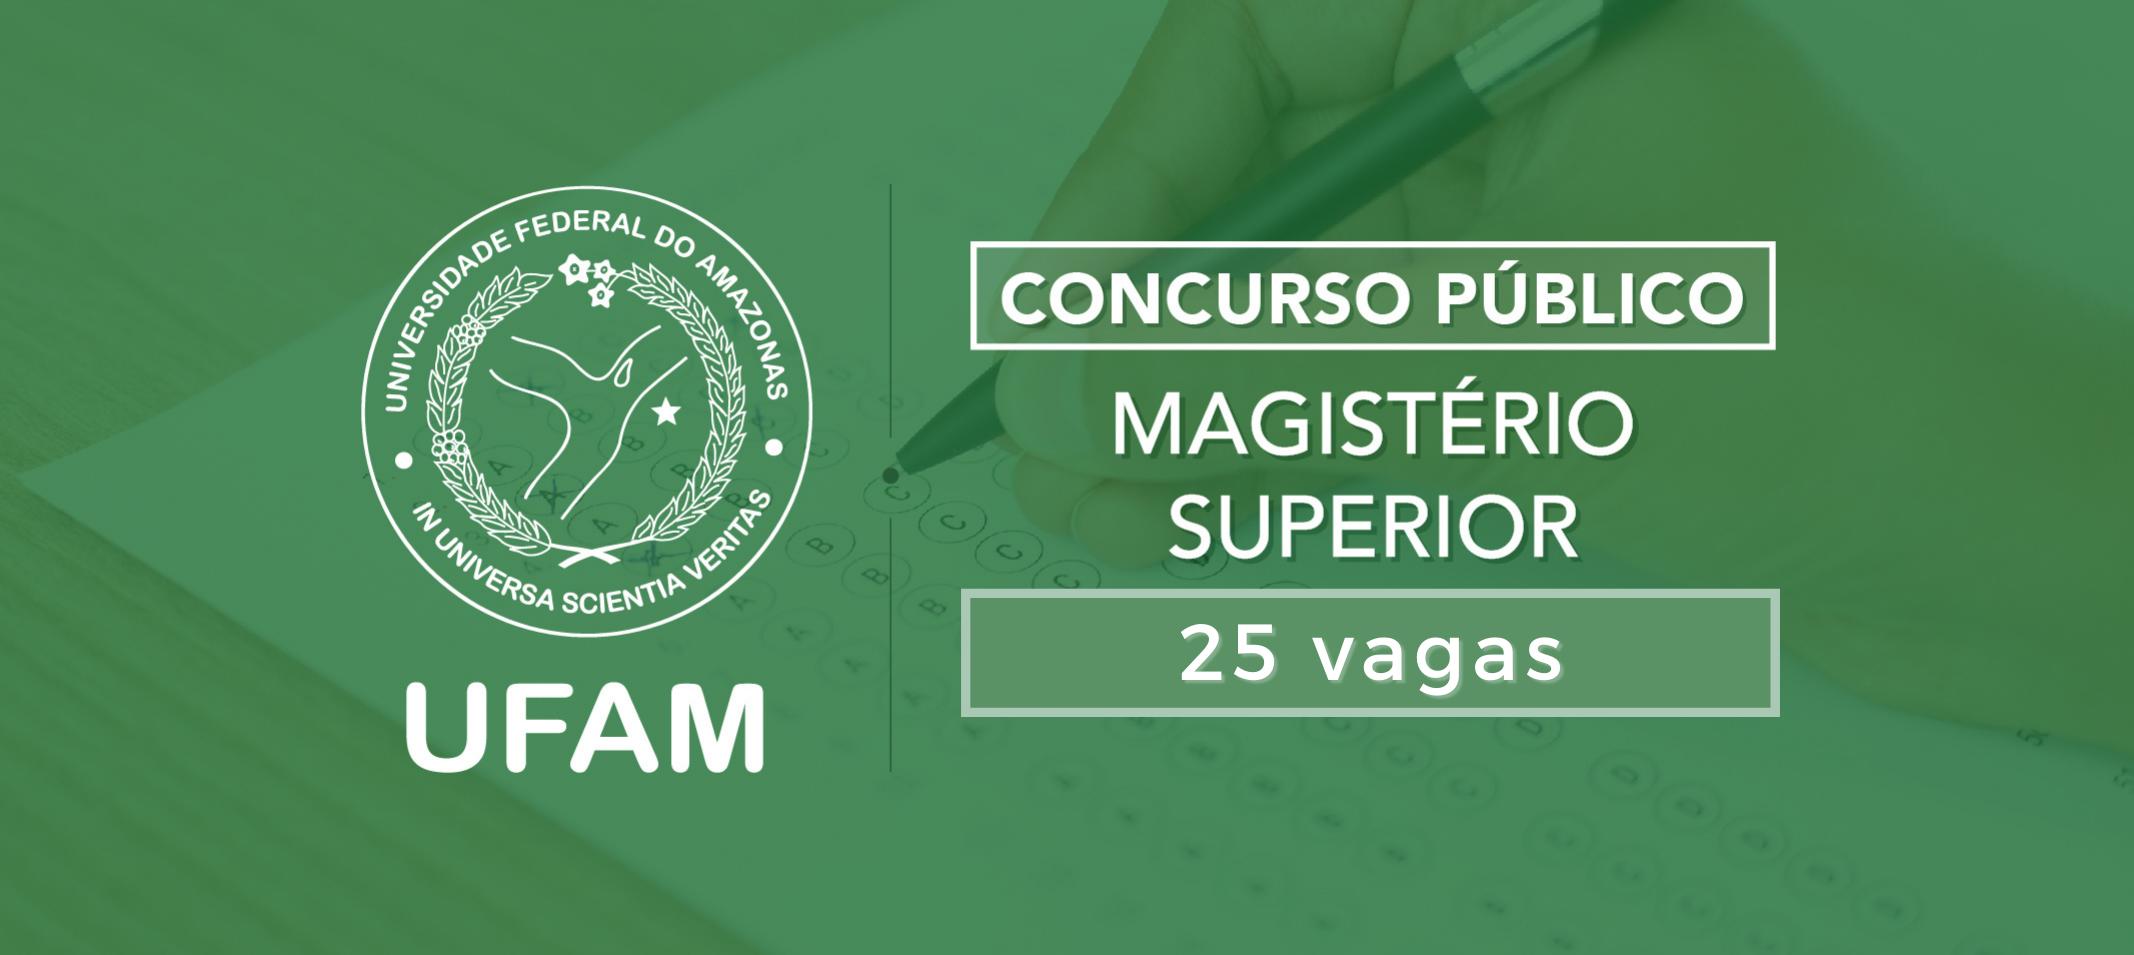 Ufam divulga concurso público para professor do Magistério Superior